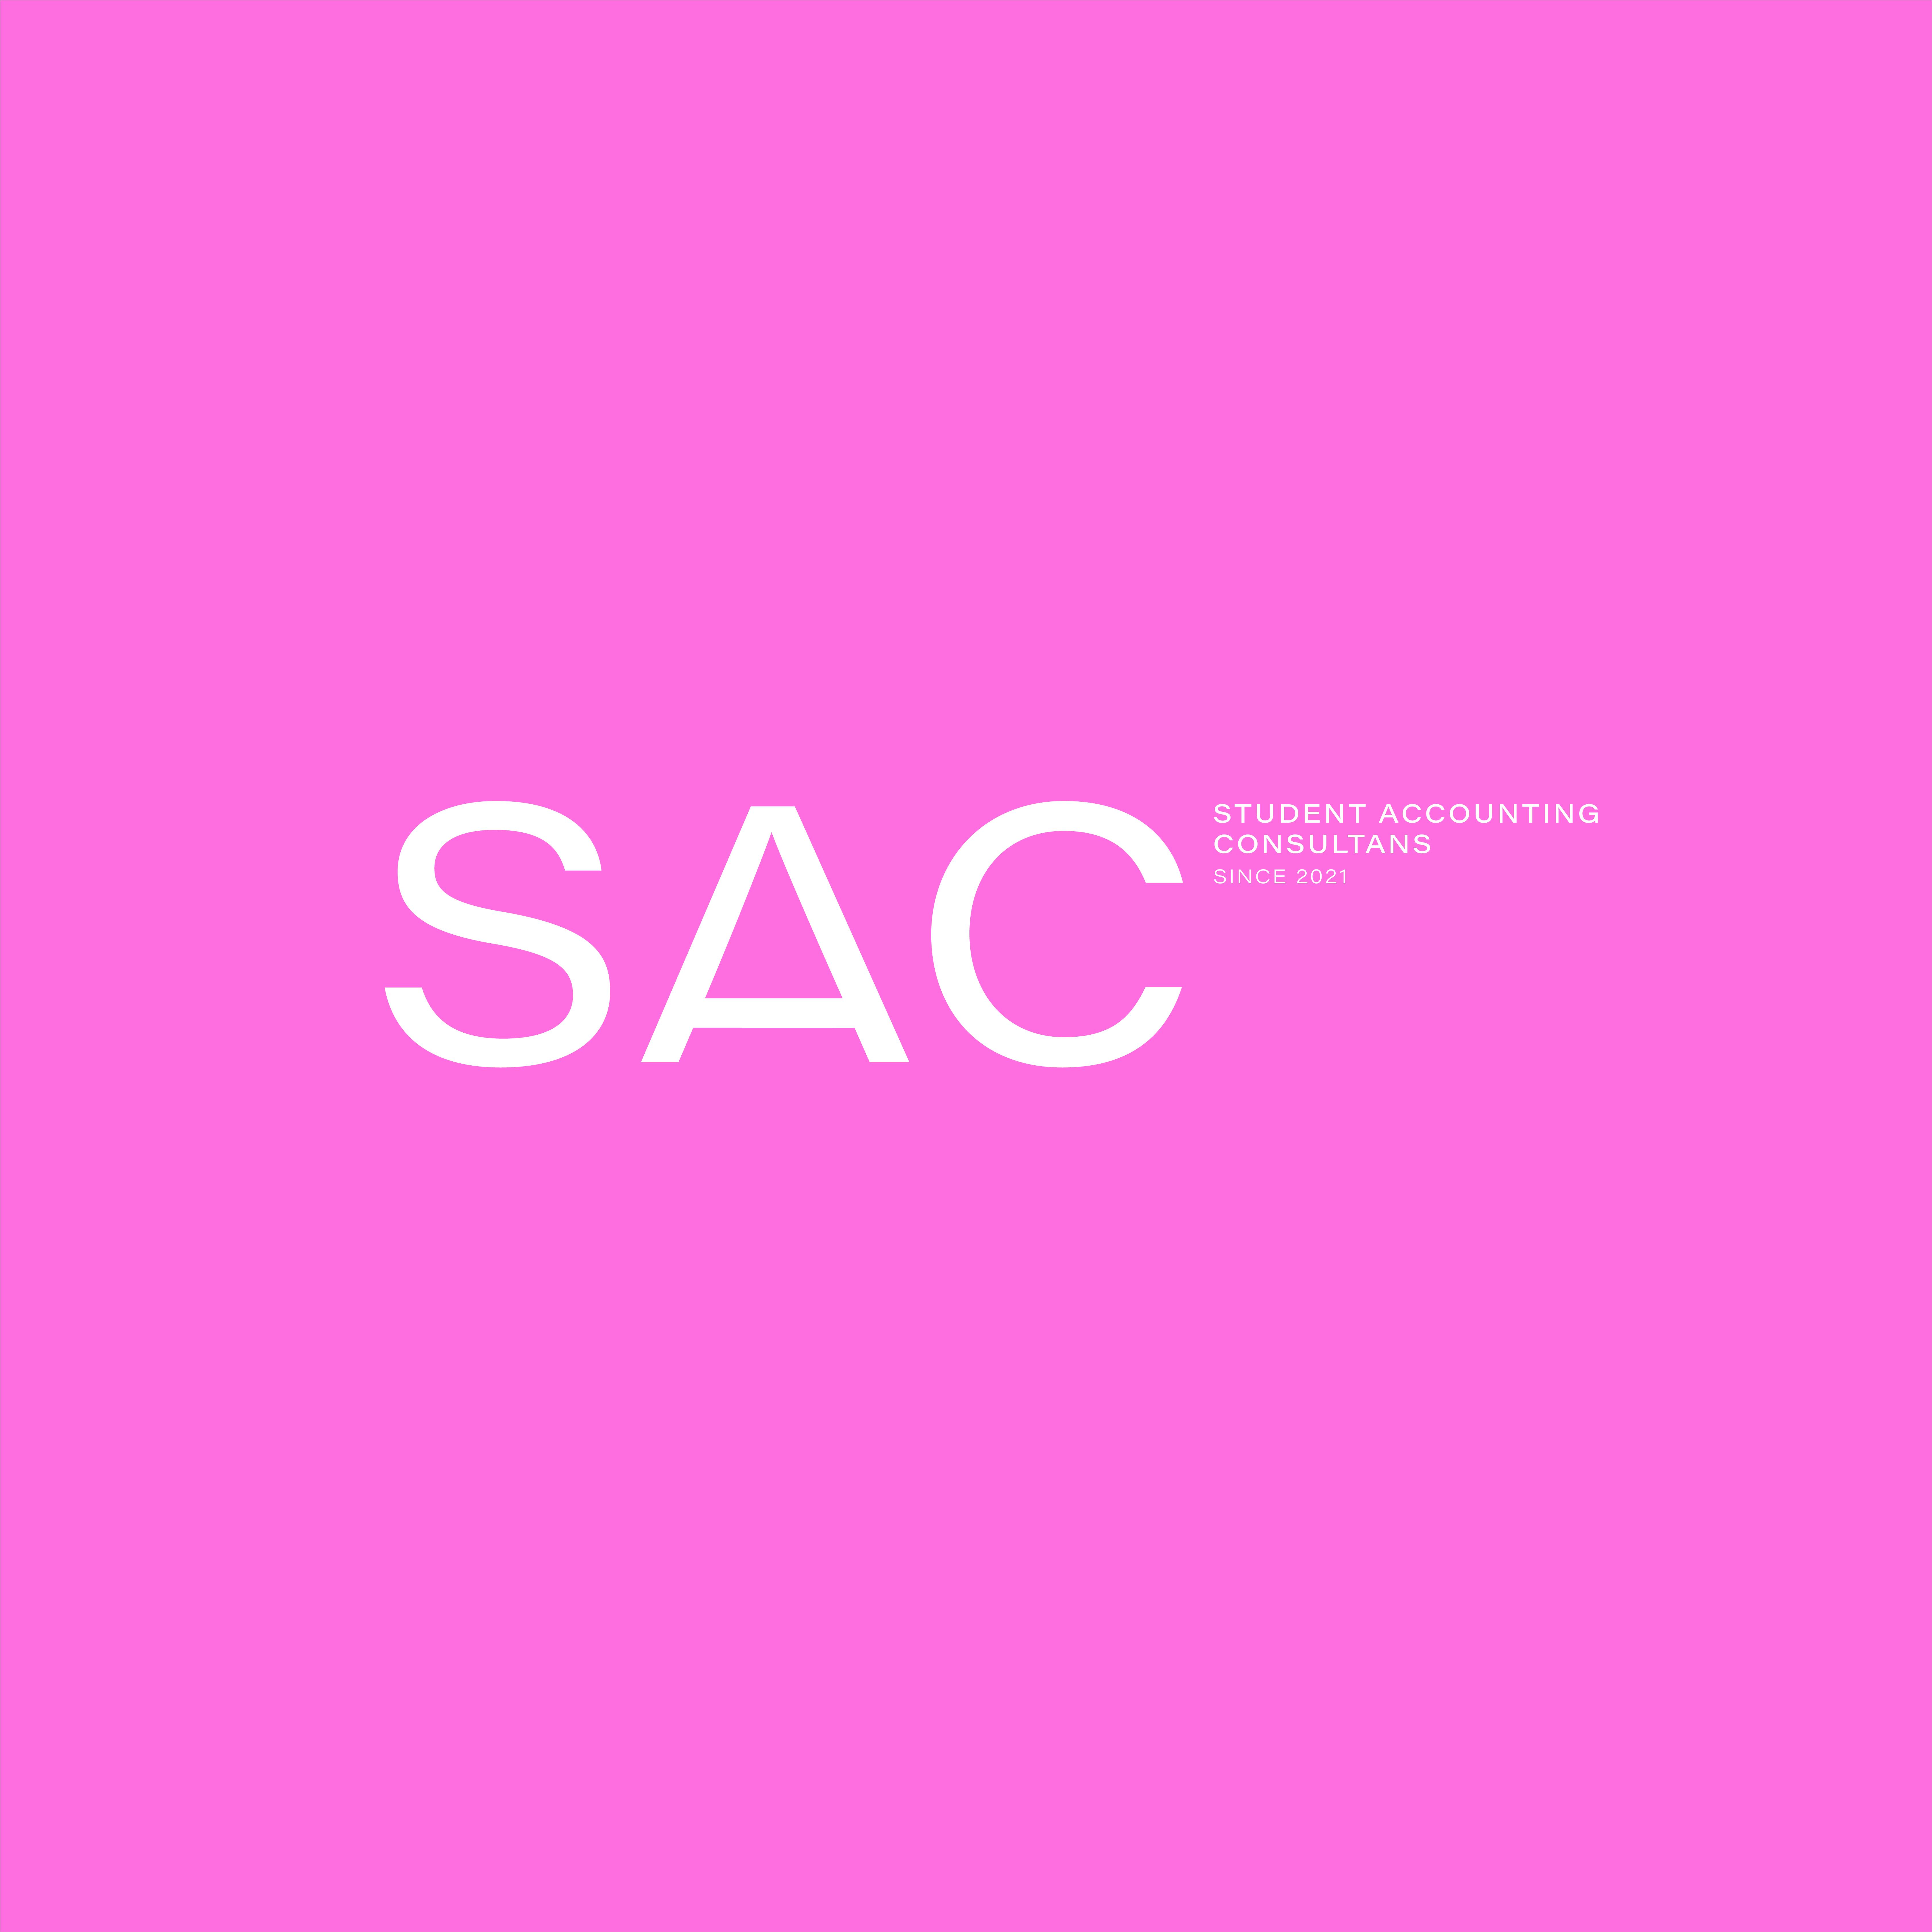 SAC-Logotyp_Rityta 1 kopia 3